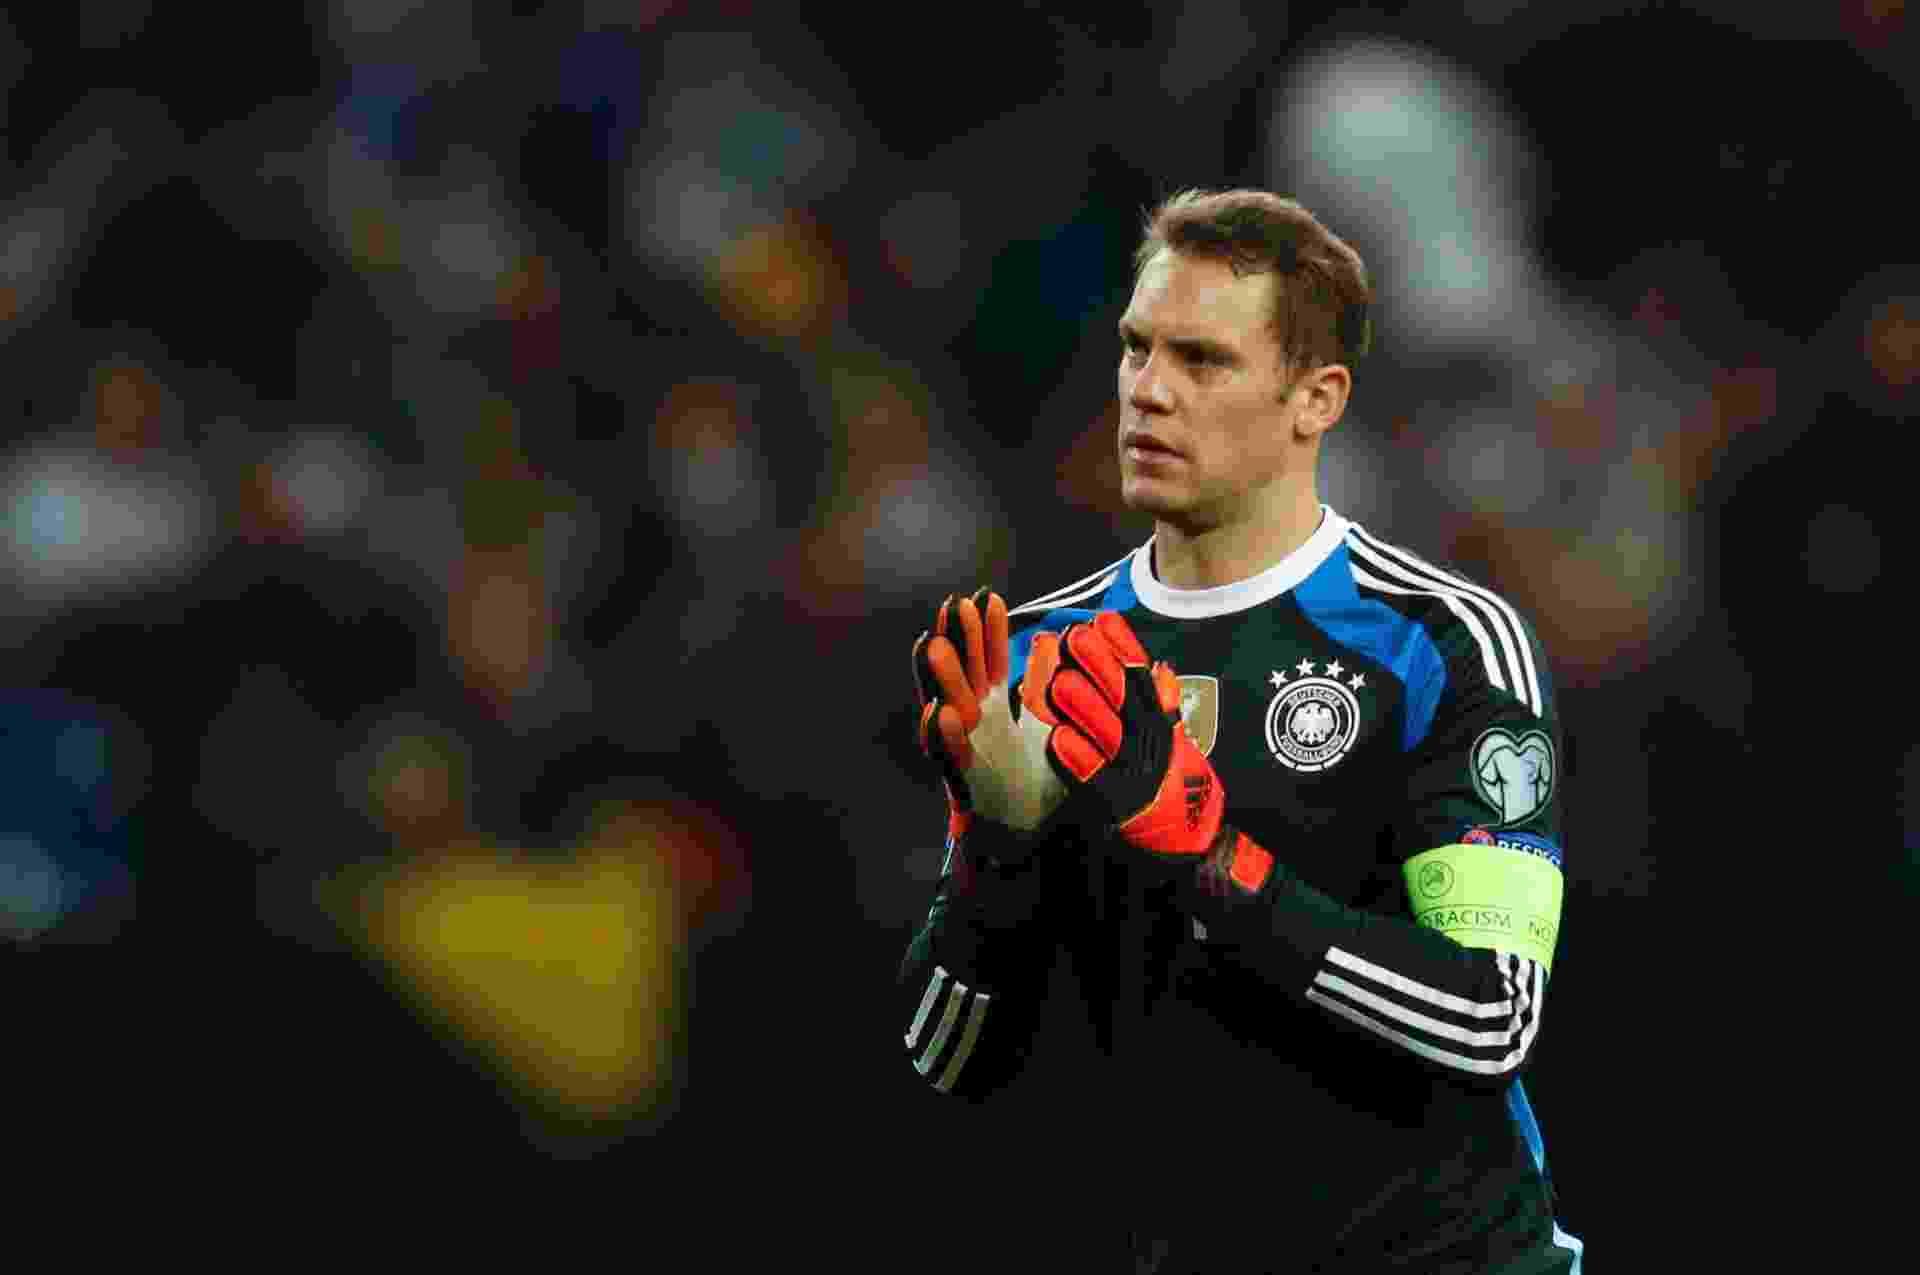 Neuer aplaude atuação da Alemanha durante jogo das Eliminatórias da Euro - INA FASSBENDER / REUTERS